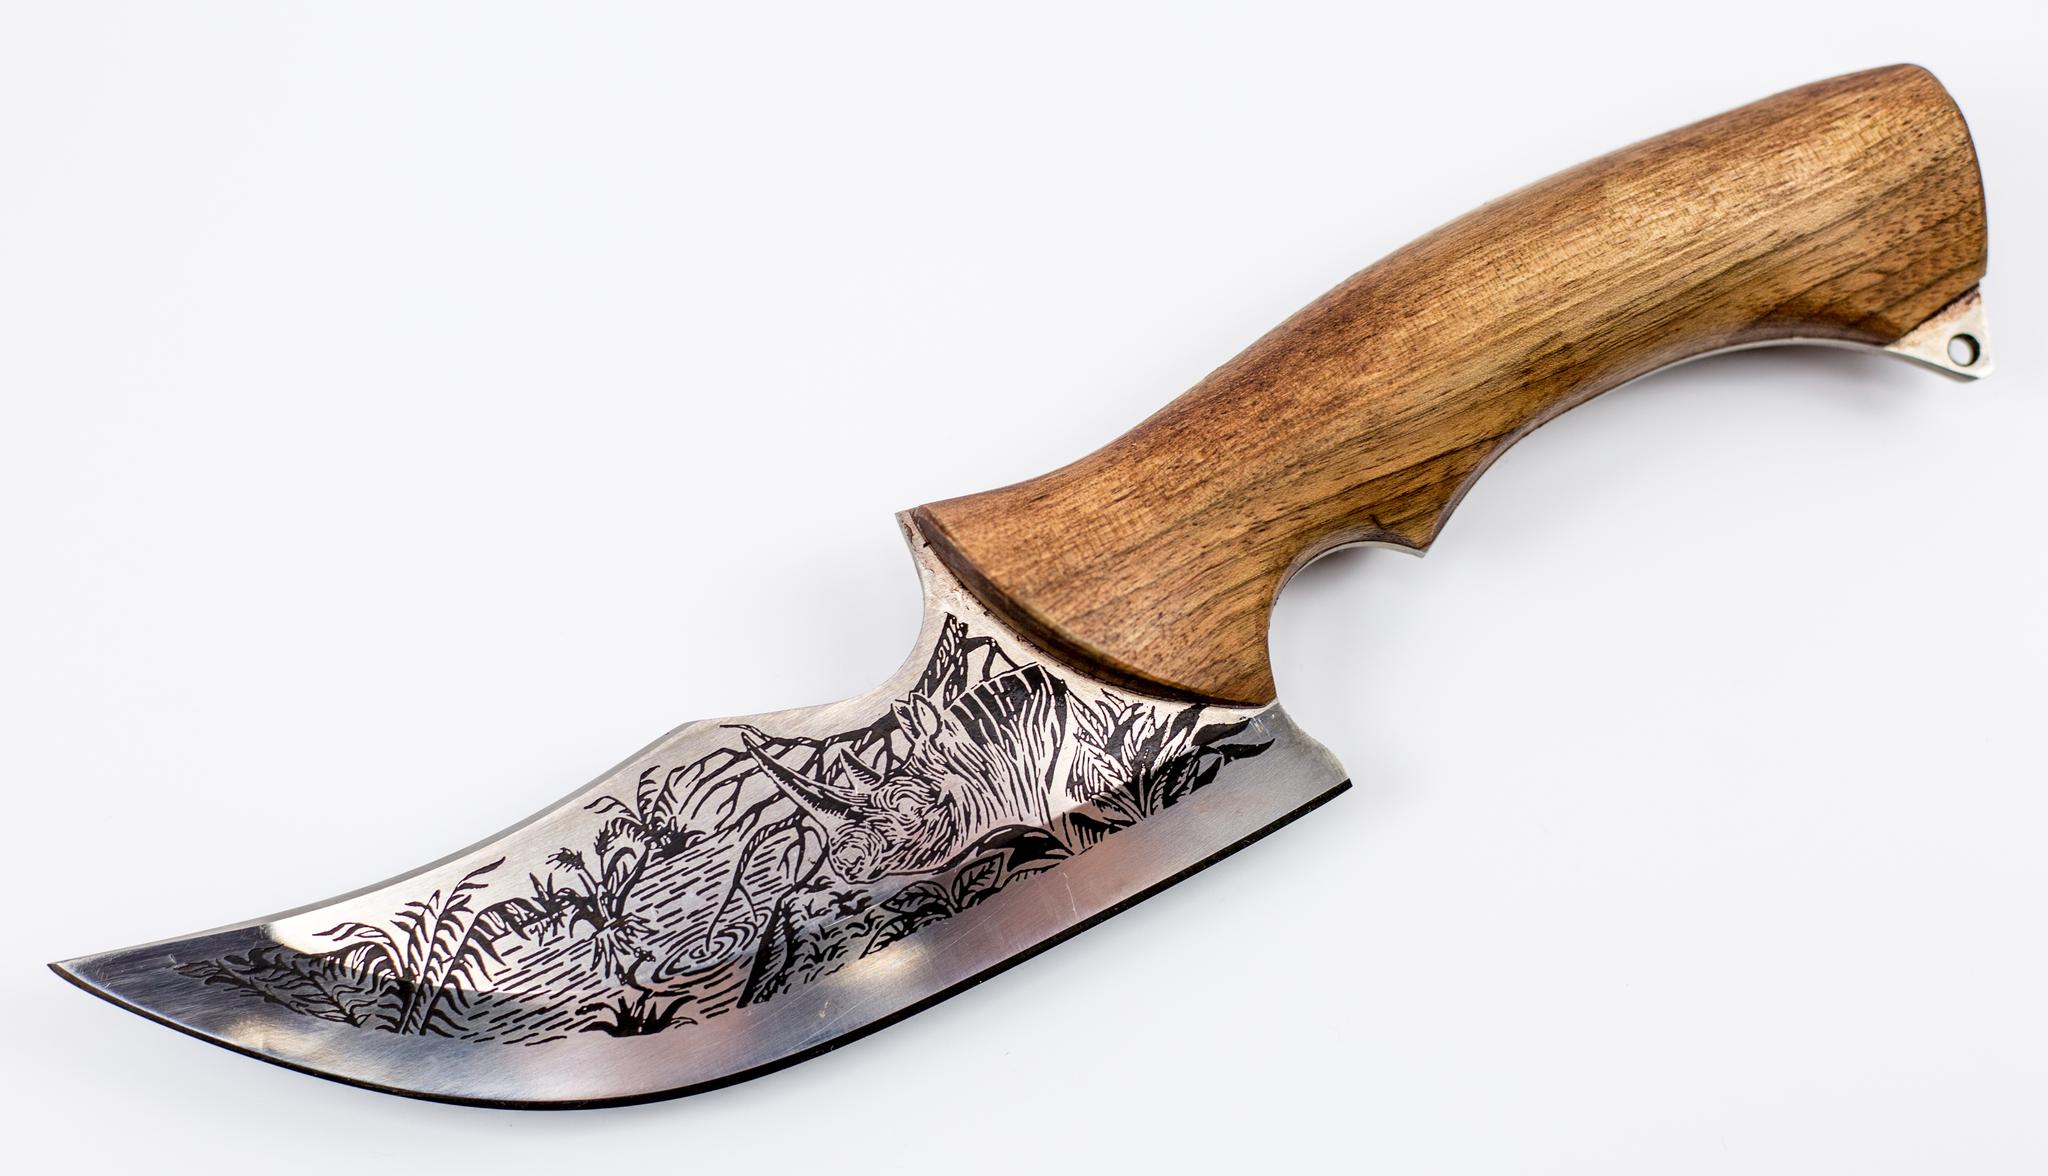 Нож Носорог, 65х13Ножи Кизляр<br>Ручная дизайнерская работа: рисонок на стали может отличаться от изображения на привезенном изделии.Нож Носорог производства Кизляримеет оригинальную гравировку, деревянная рукоять выполнена из кавказского ореха, а кожаный чехол украшен необычным тиснением. Кроме того, кожаный чехол, который делает транспортировку ножа безопасной как для владельца, так и для окружающих.Спешите купить нож Носорог производства Кизляр. Технические характеристики:толщина клинка – 4,0 мм;длина клинка – 150 мм;марка стали 65х13;рукоять - деревянный орех;кожаный чехол в комплекте.<br>